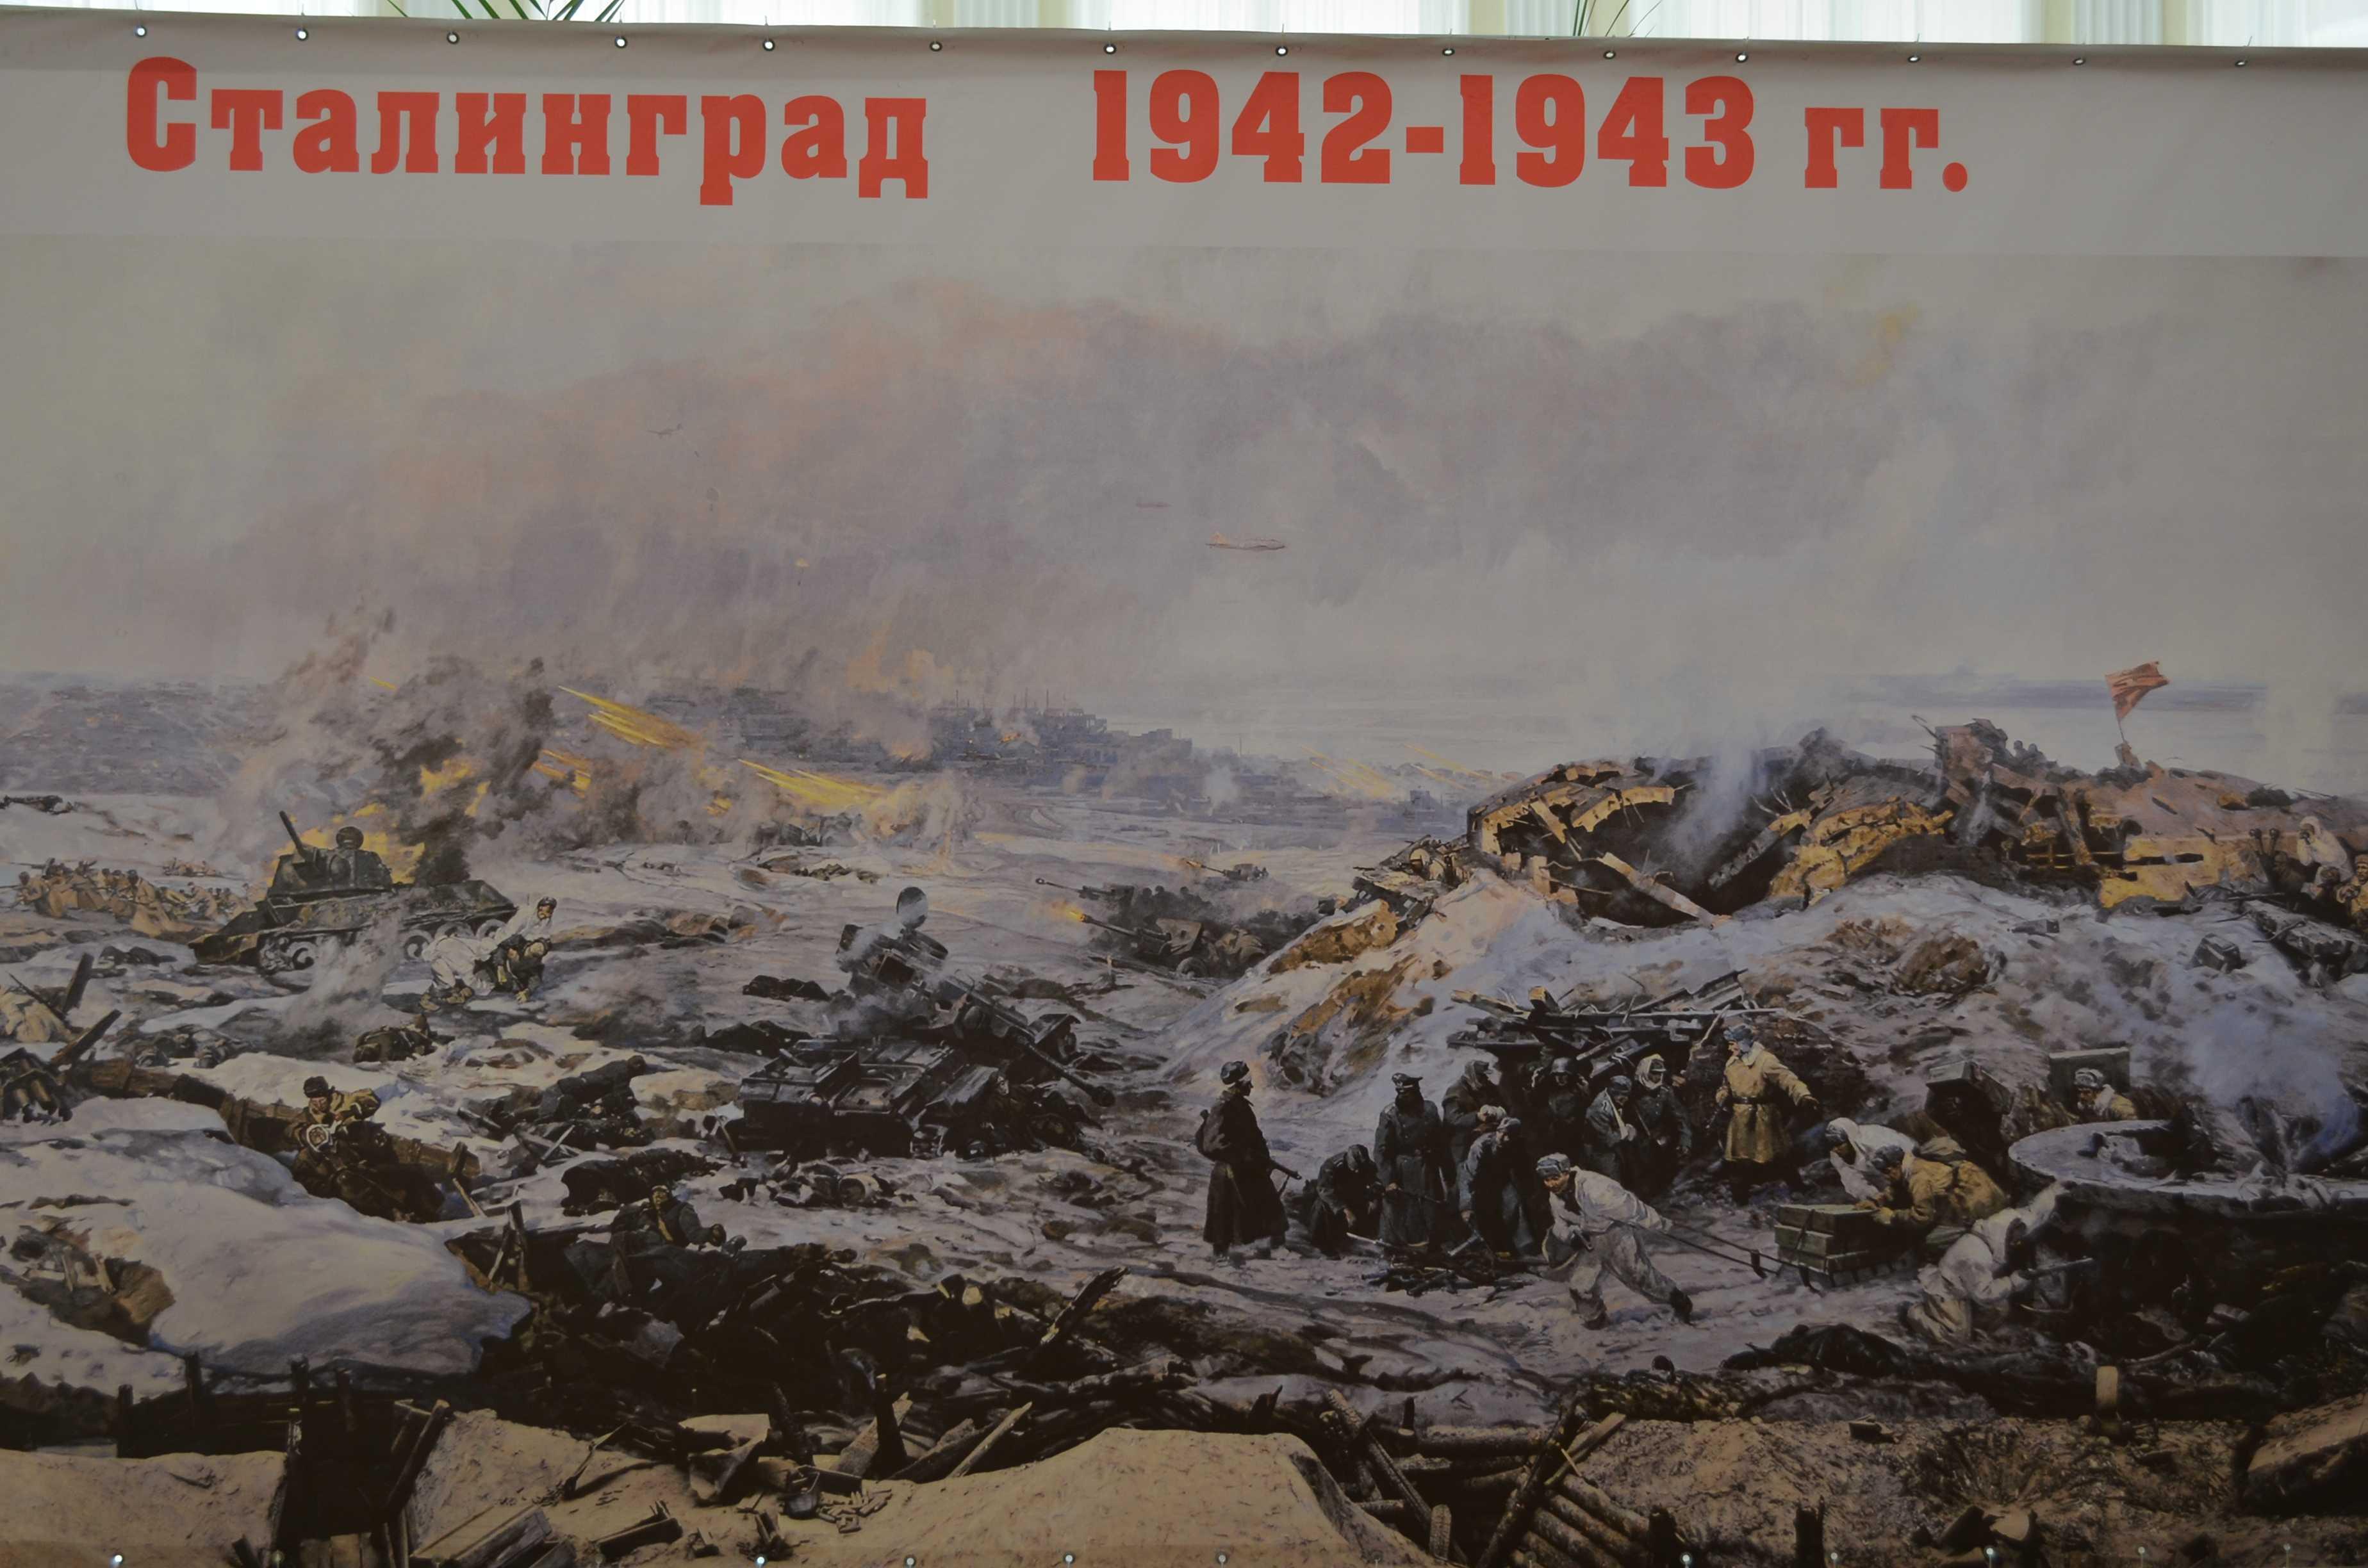 Увидеть историю Сталинградской битвы своими глазами